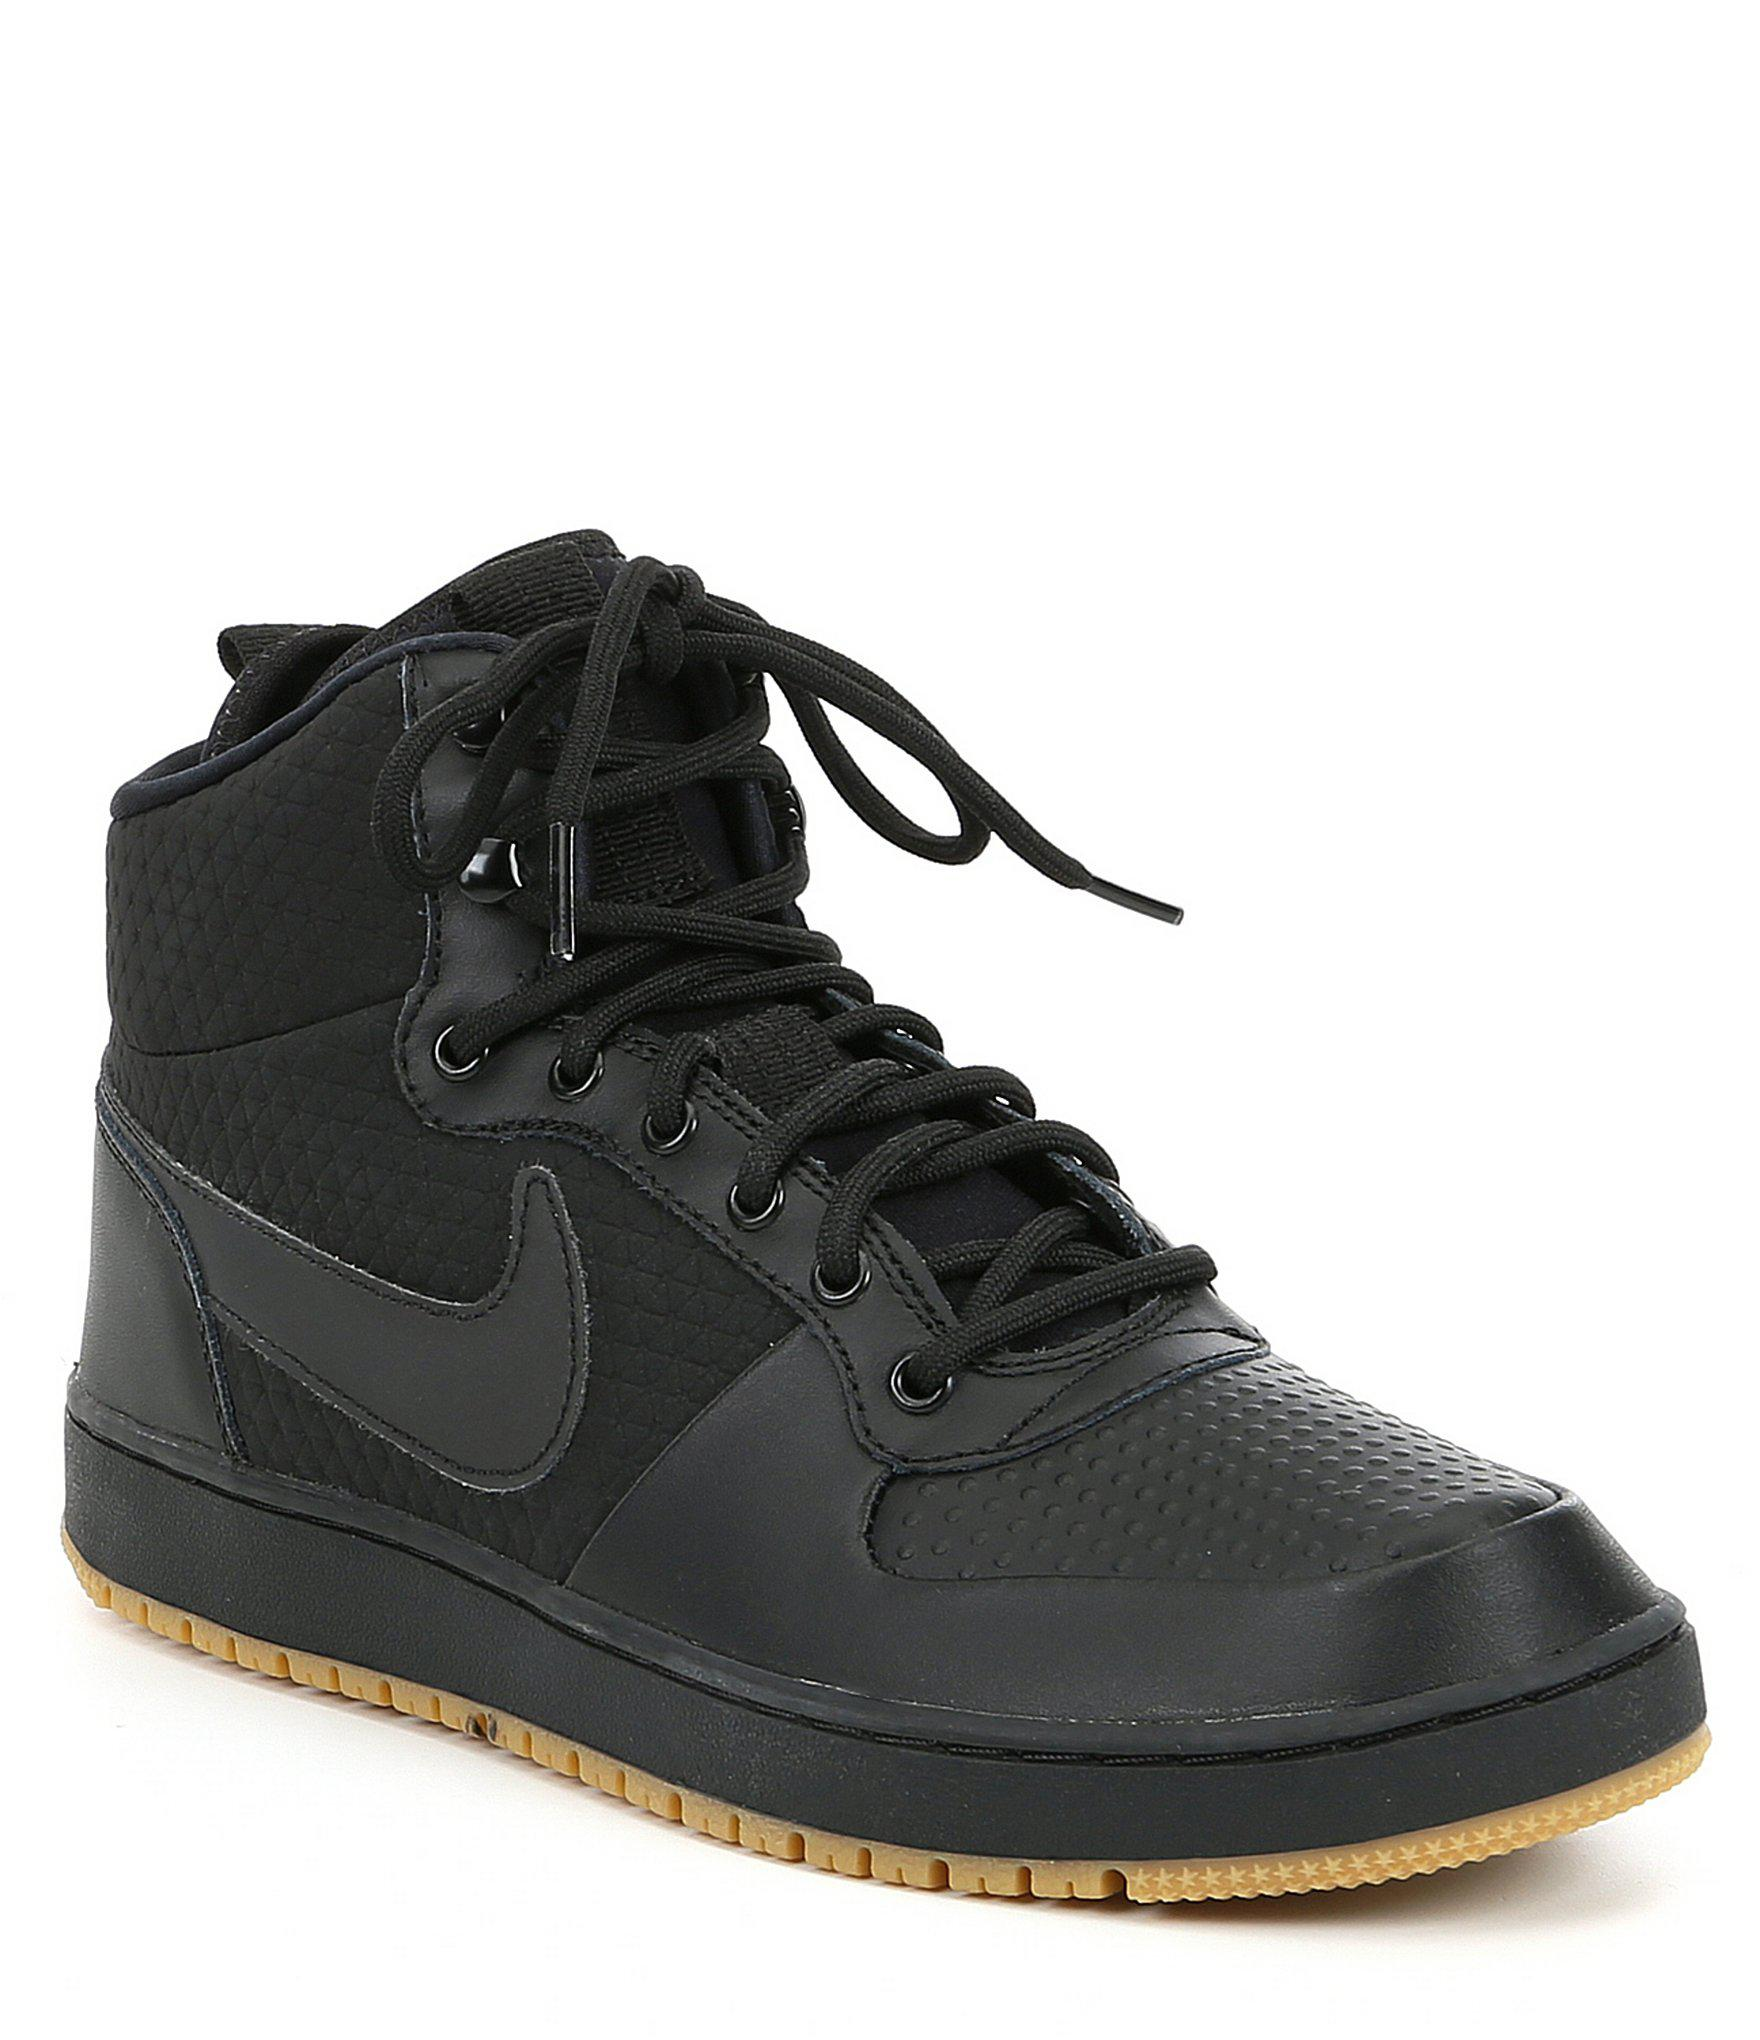 1c4d93c081 Lyst - Nike Men s Ebernon Mid Winter Lifestyle Sneaker in Black for Men